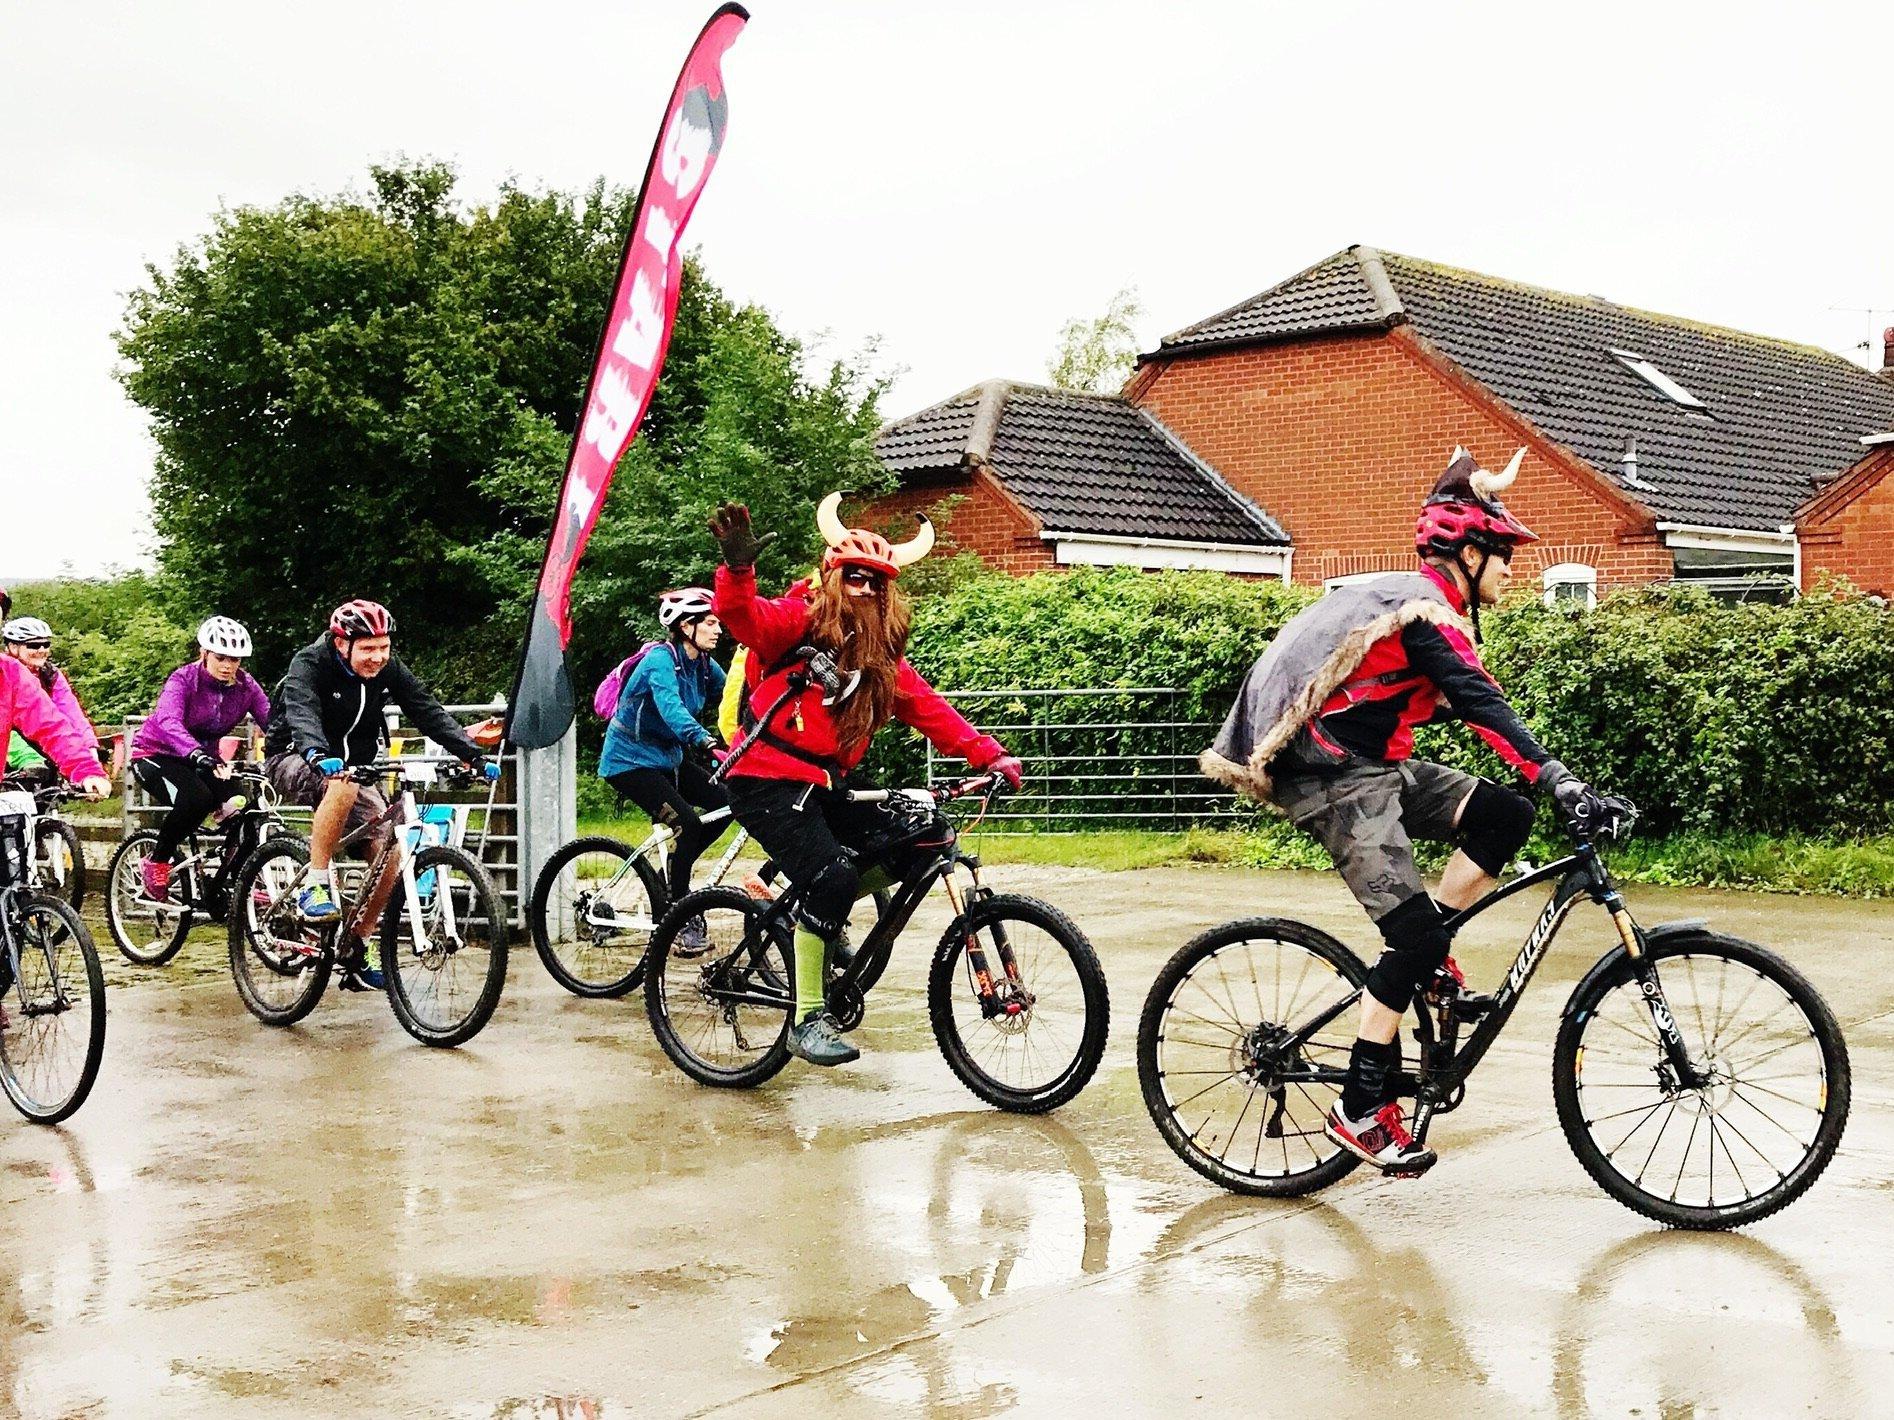 Vikings cycling start